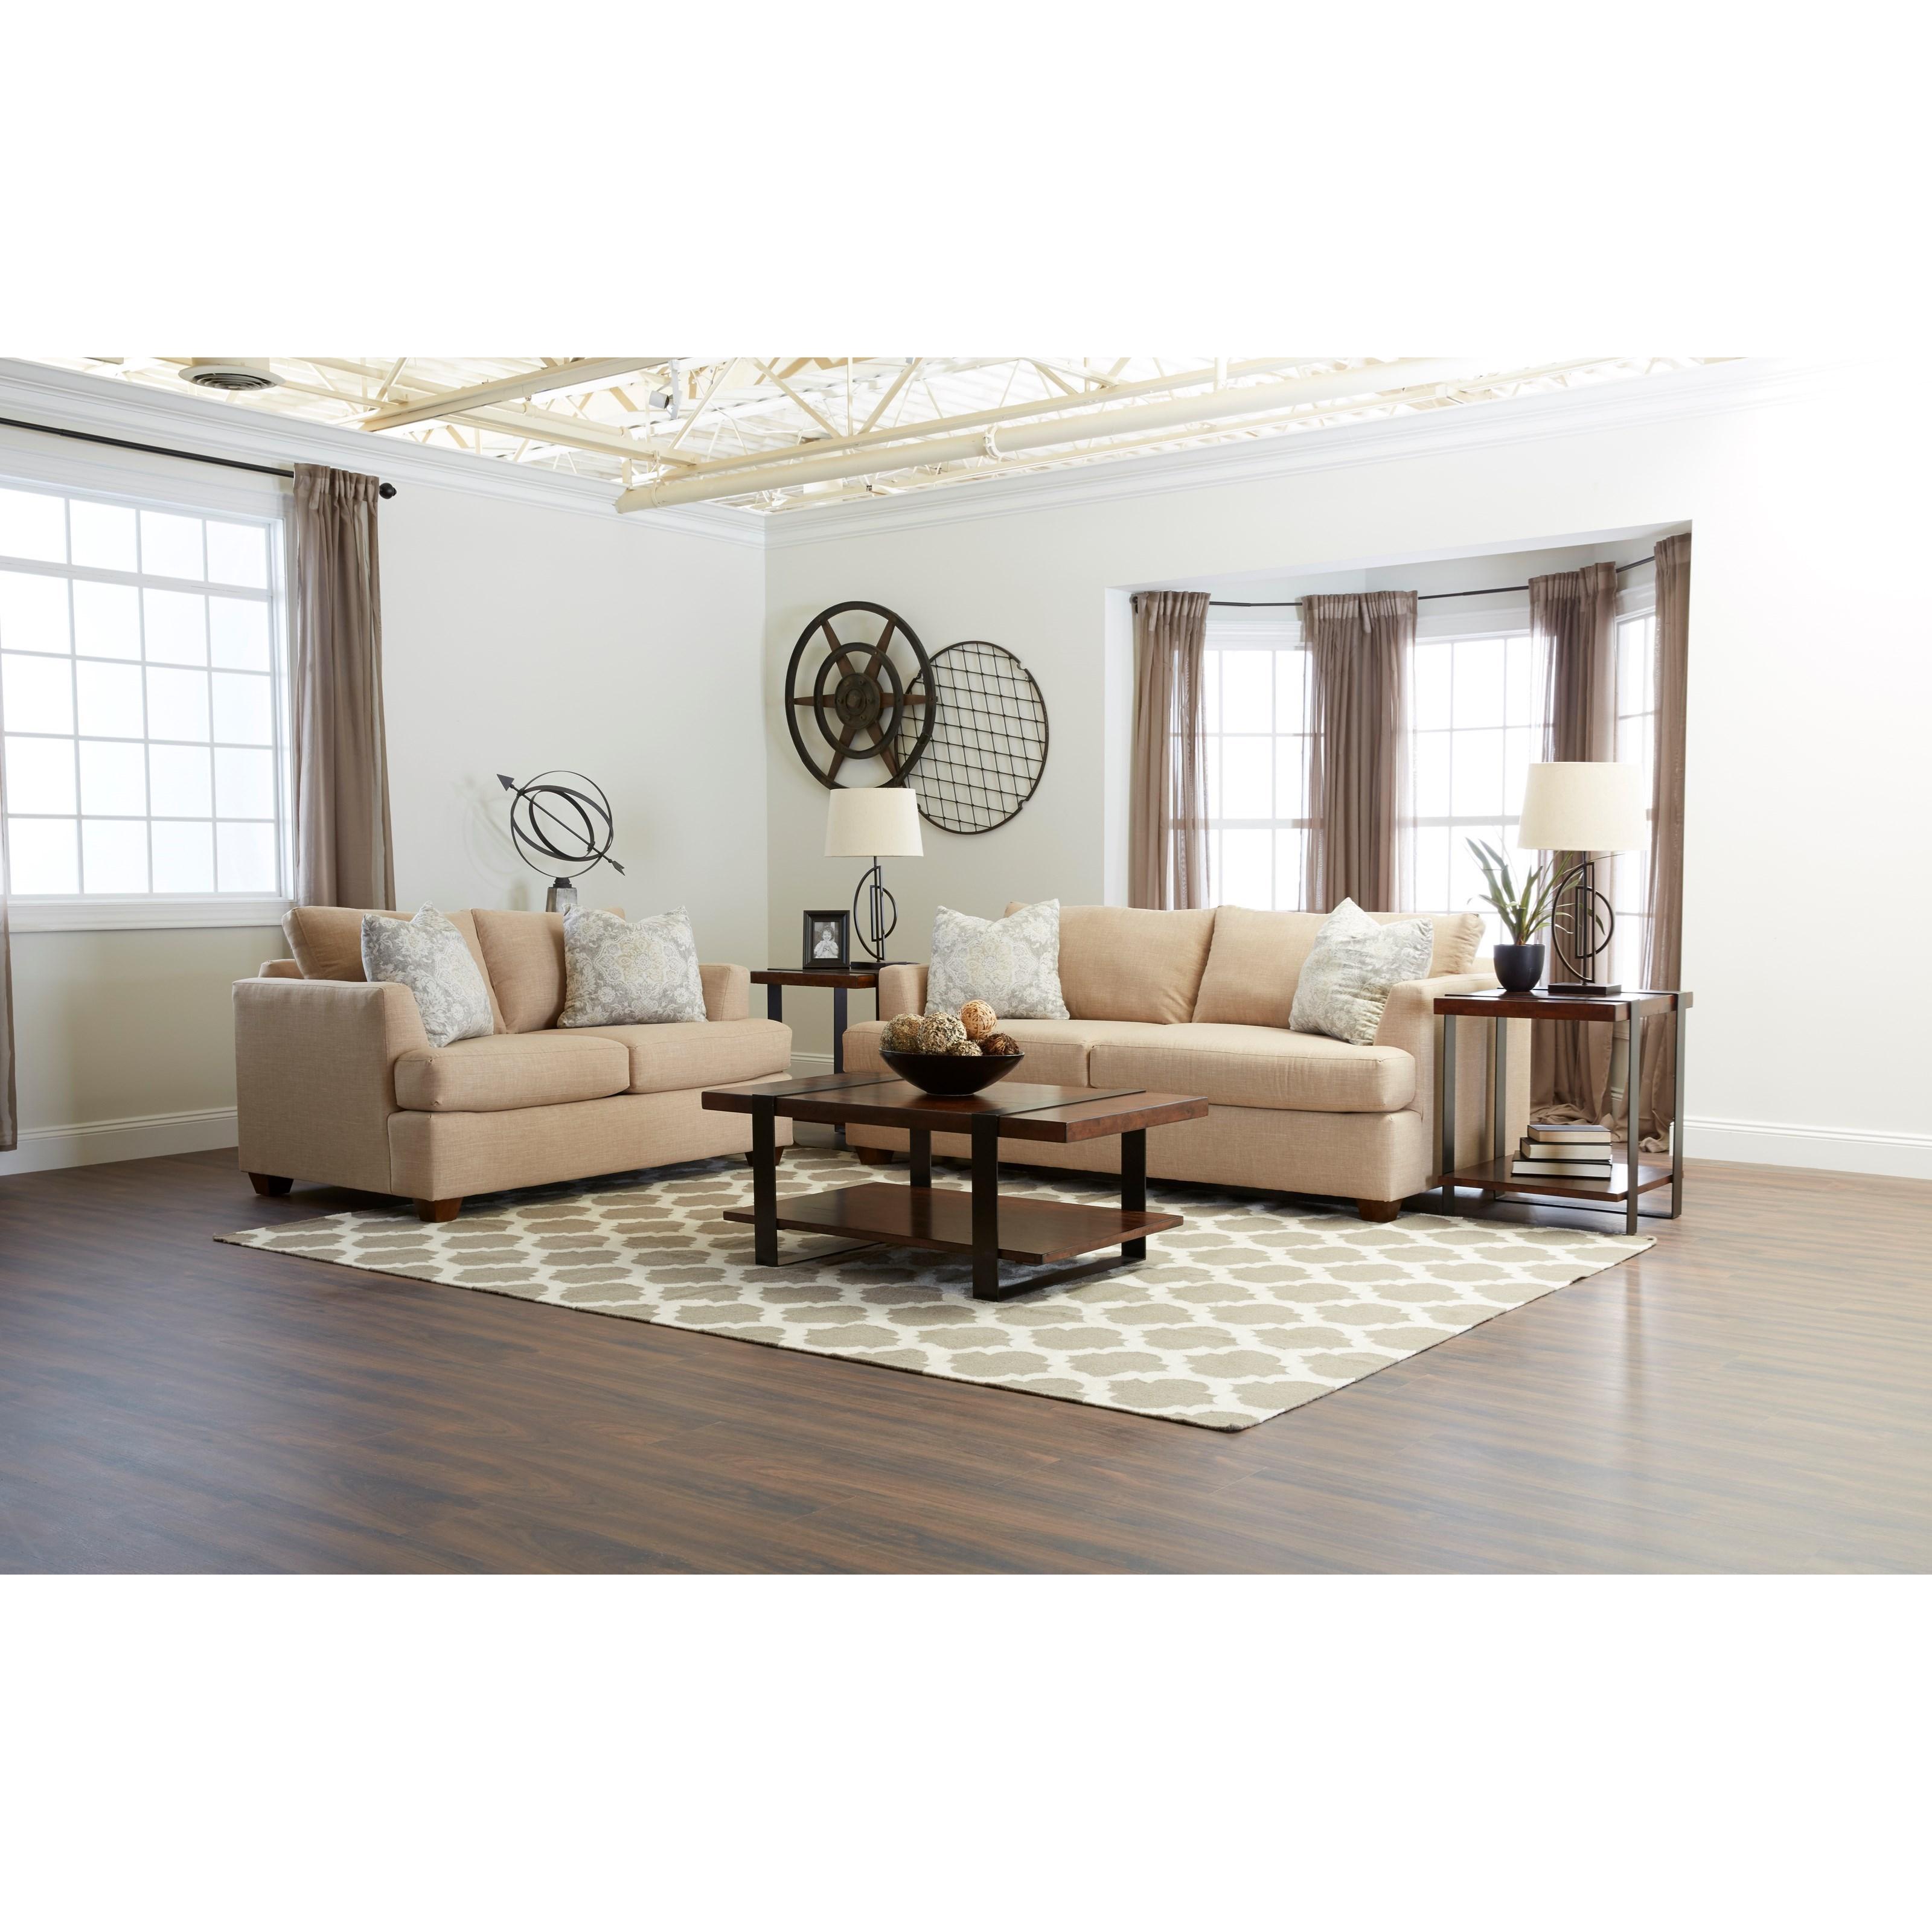 Klaussner Jack Living Room Group - Item Number: K49500 Living Room Group 1